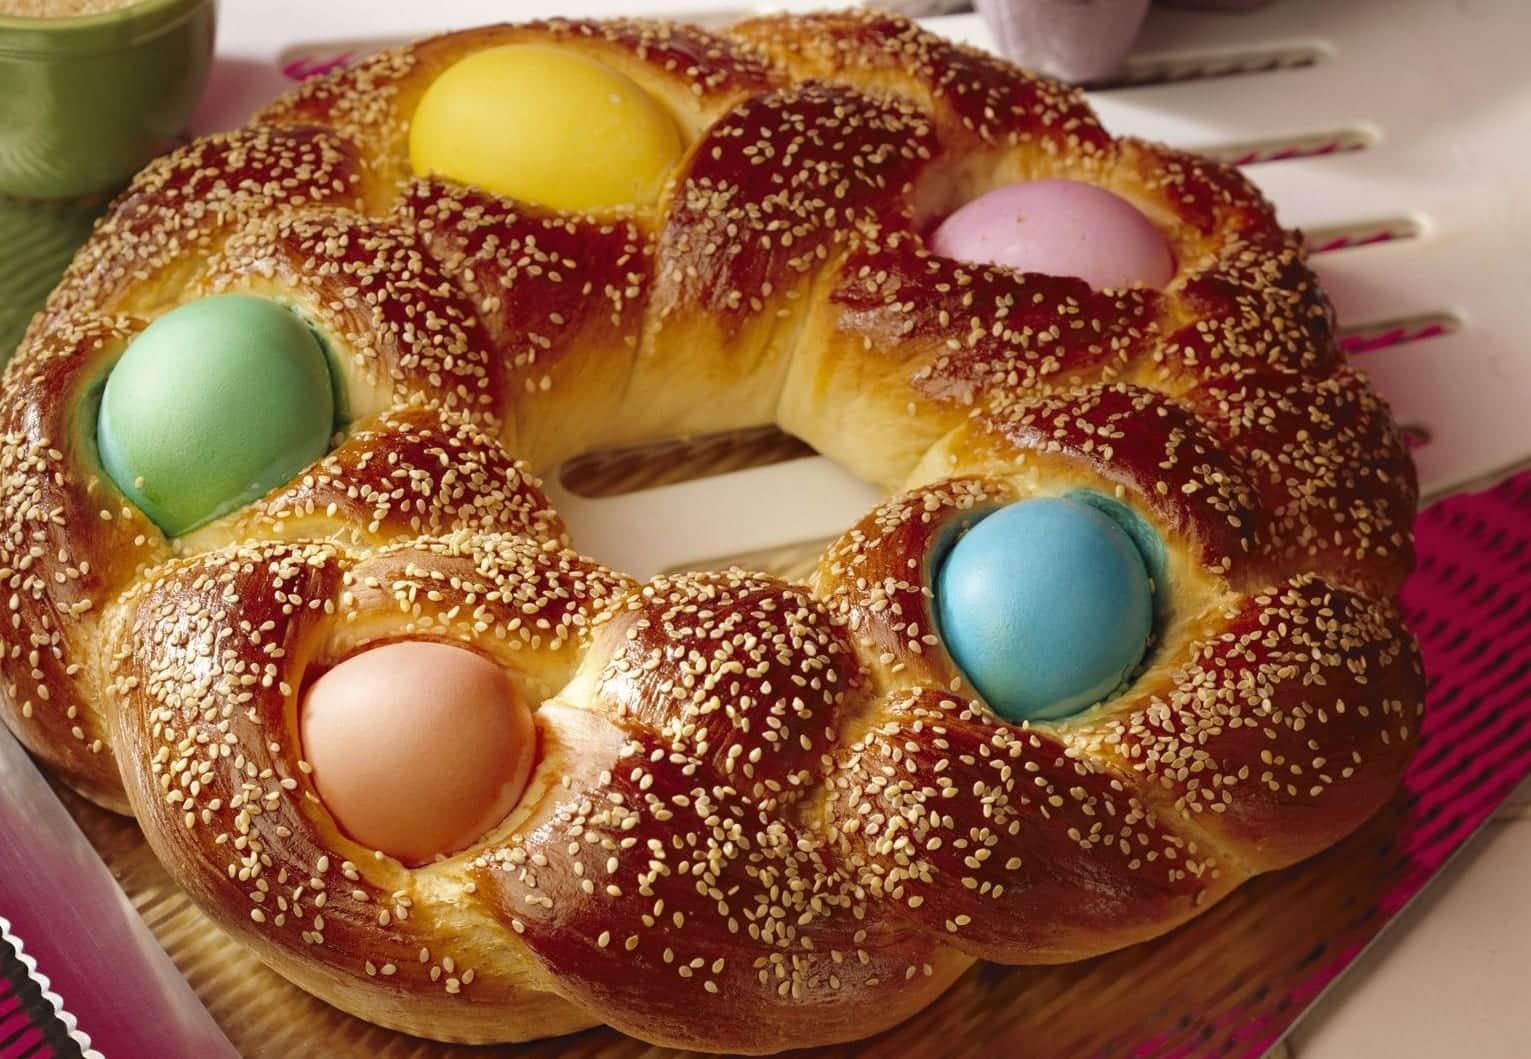 Comidas de Páscoa - 19 pratos típicos ao redor do mundo